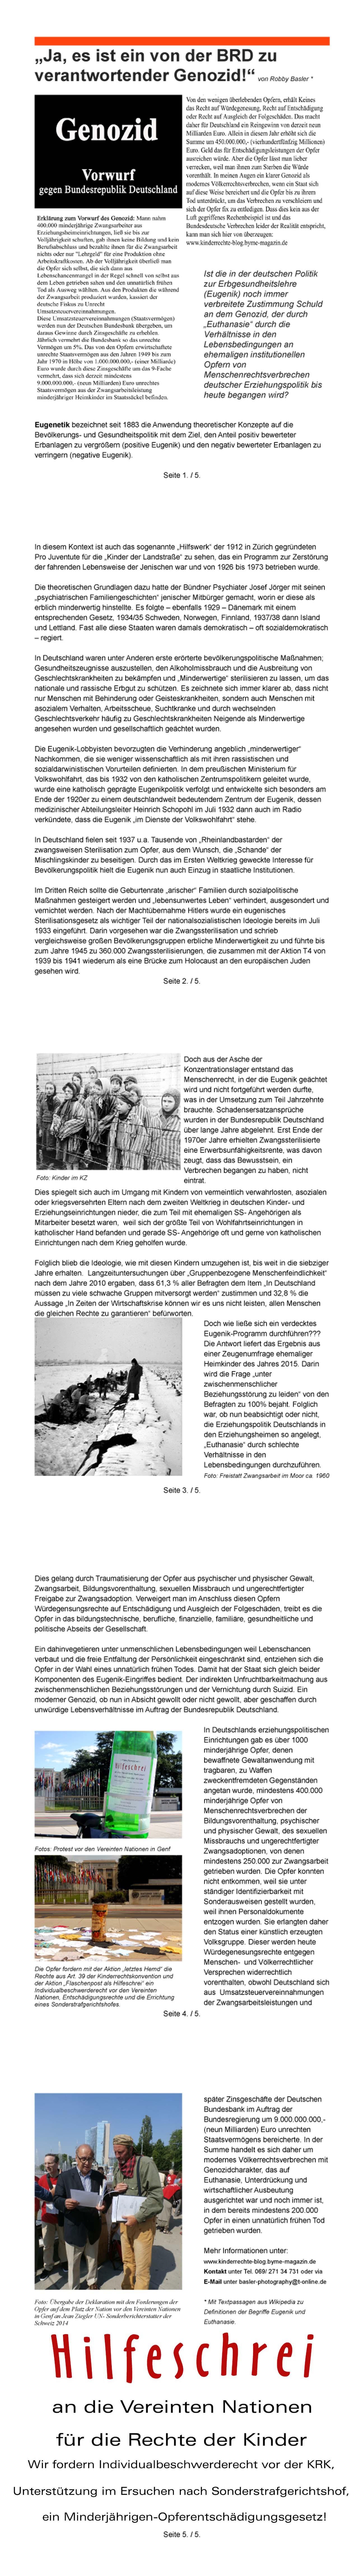 Niedlich Jugendministerium Wird Fortgesetzt Galerie - Beispiel ...